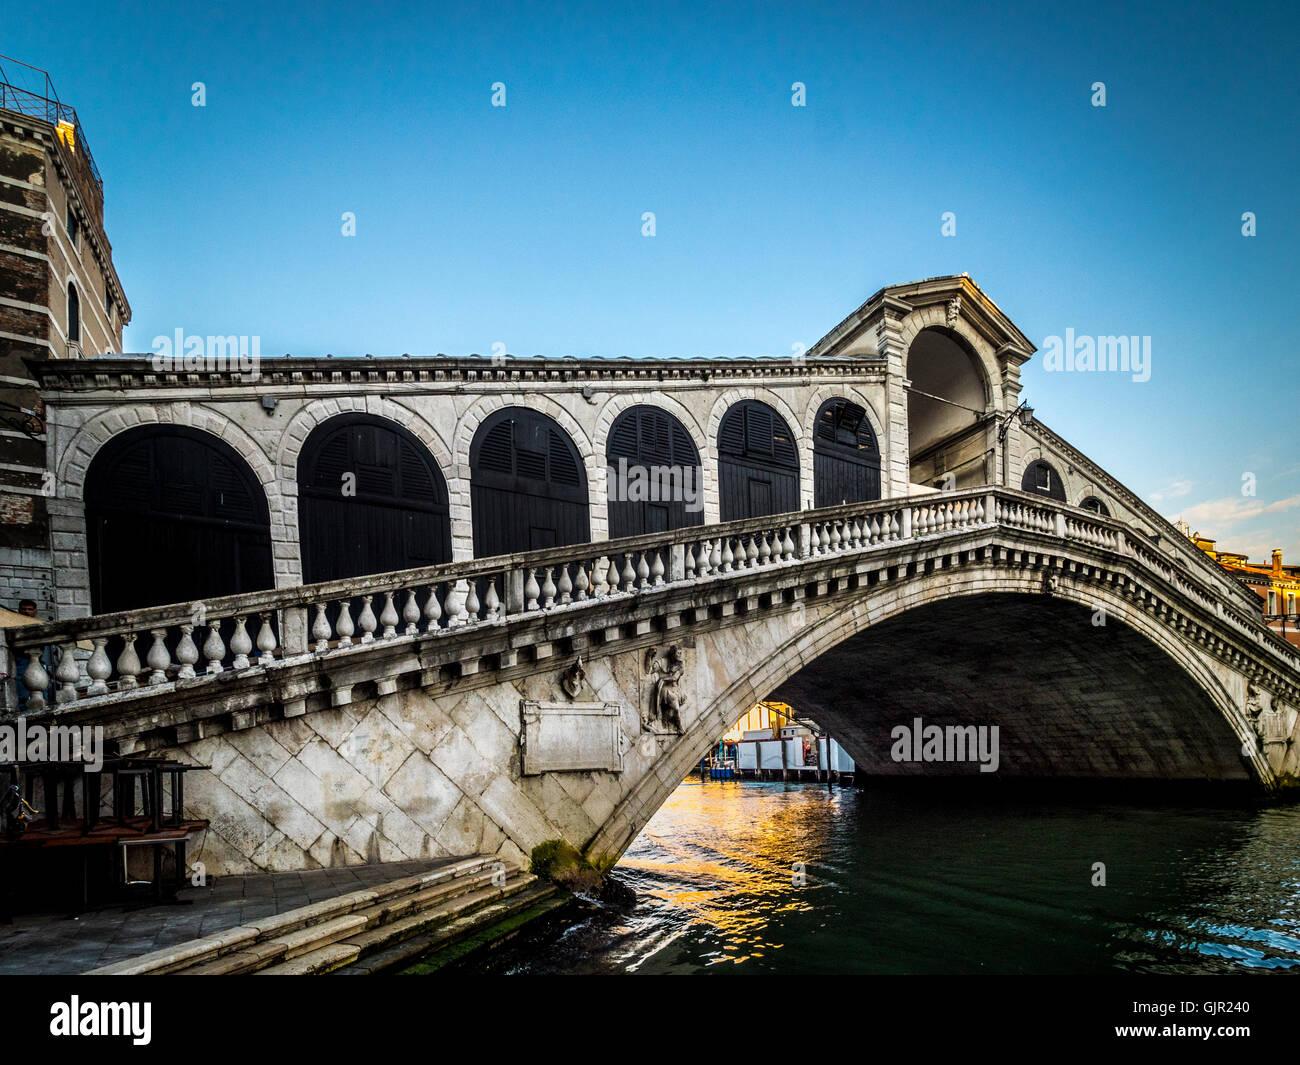 El Puente de Rialto, el Gran Canal de Venecia, Italia. Imagen De Stock